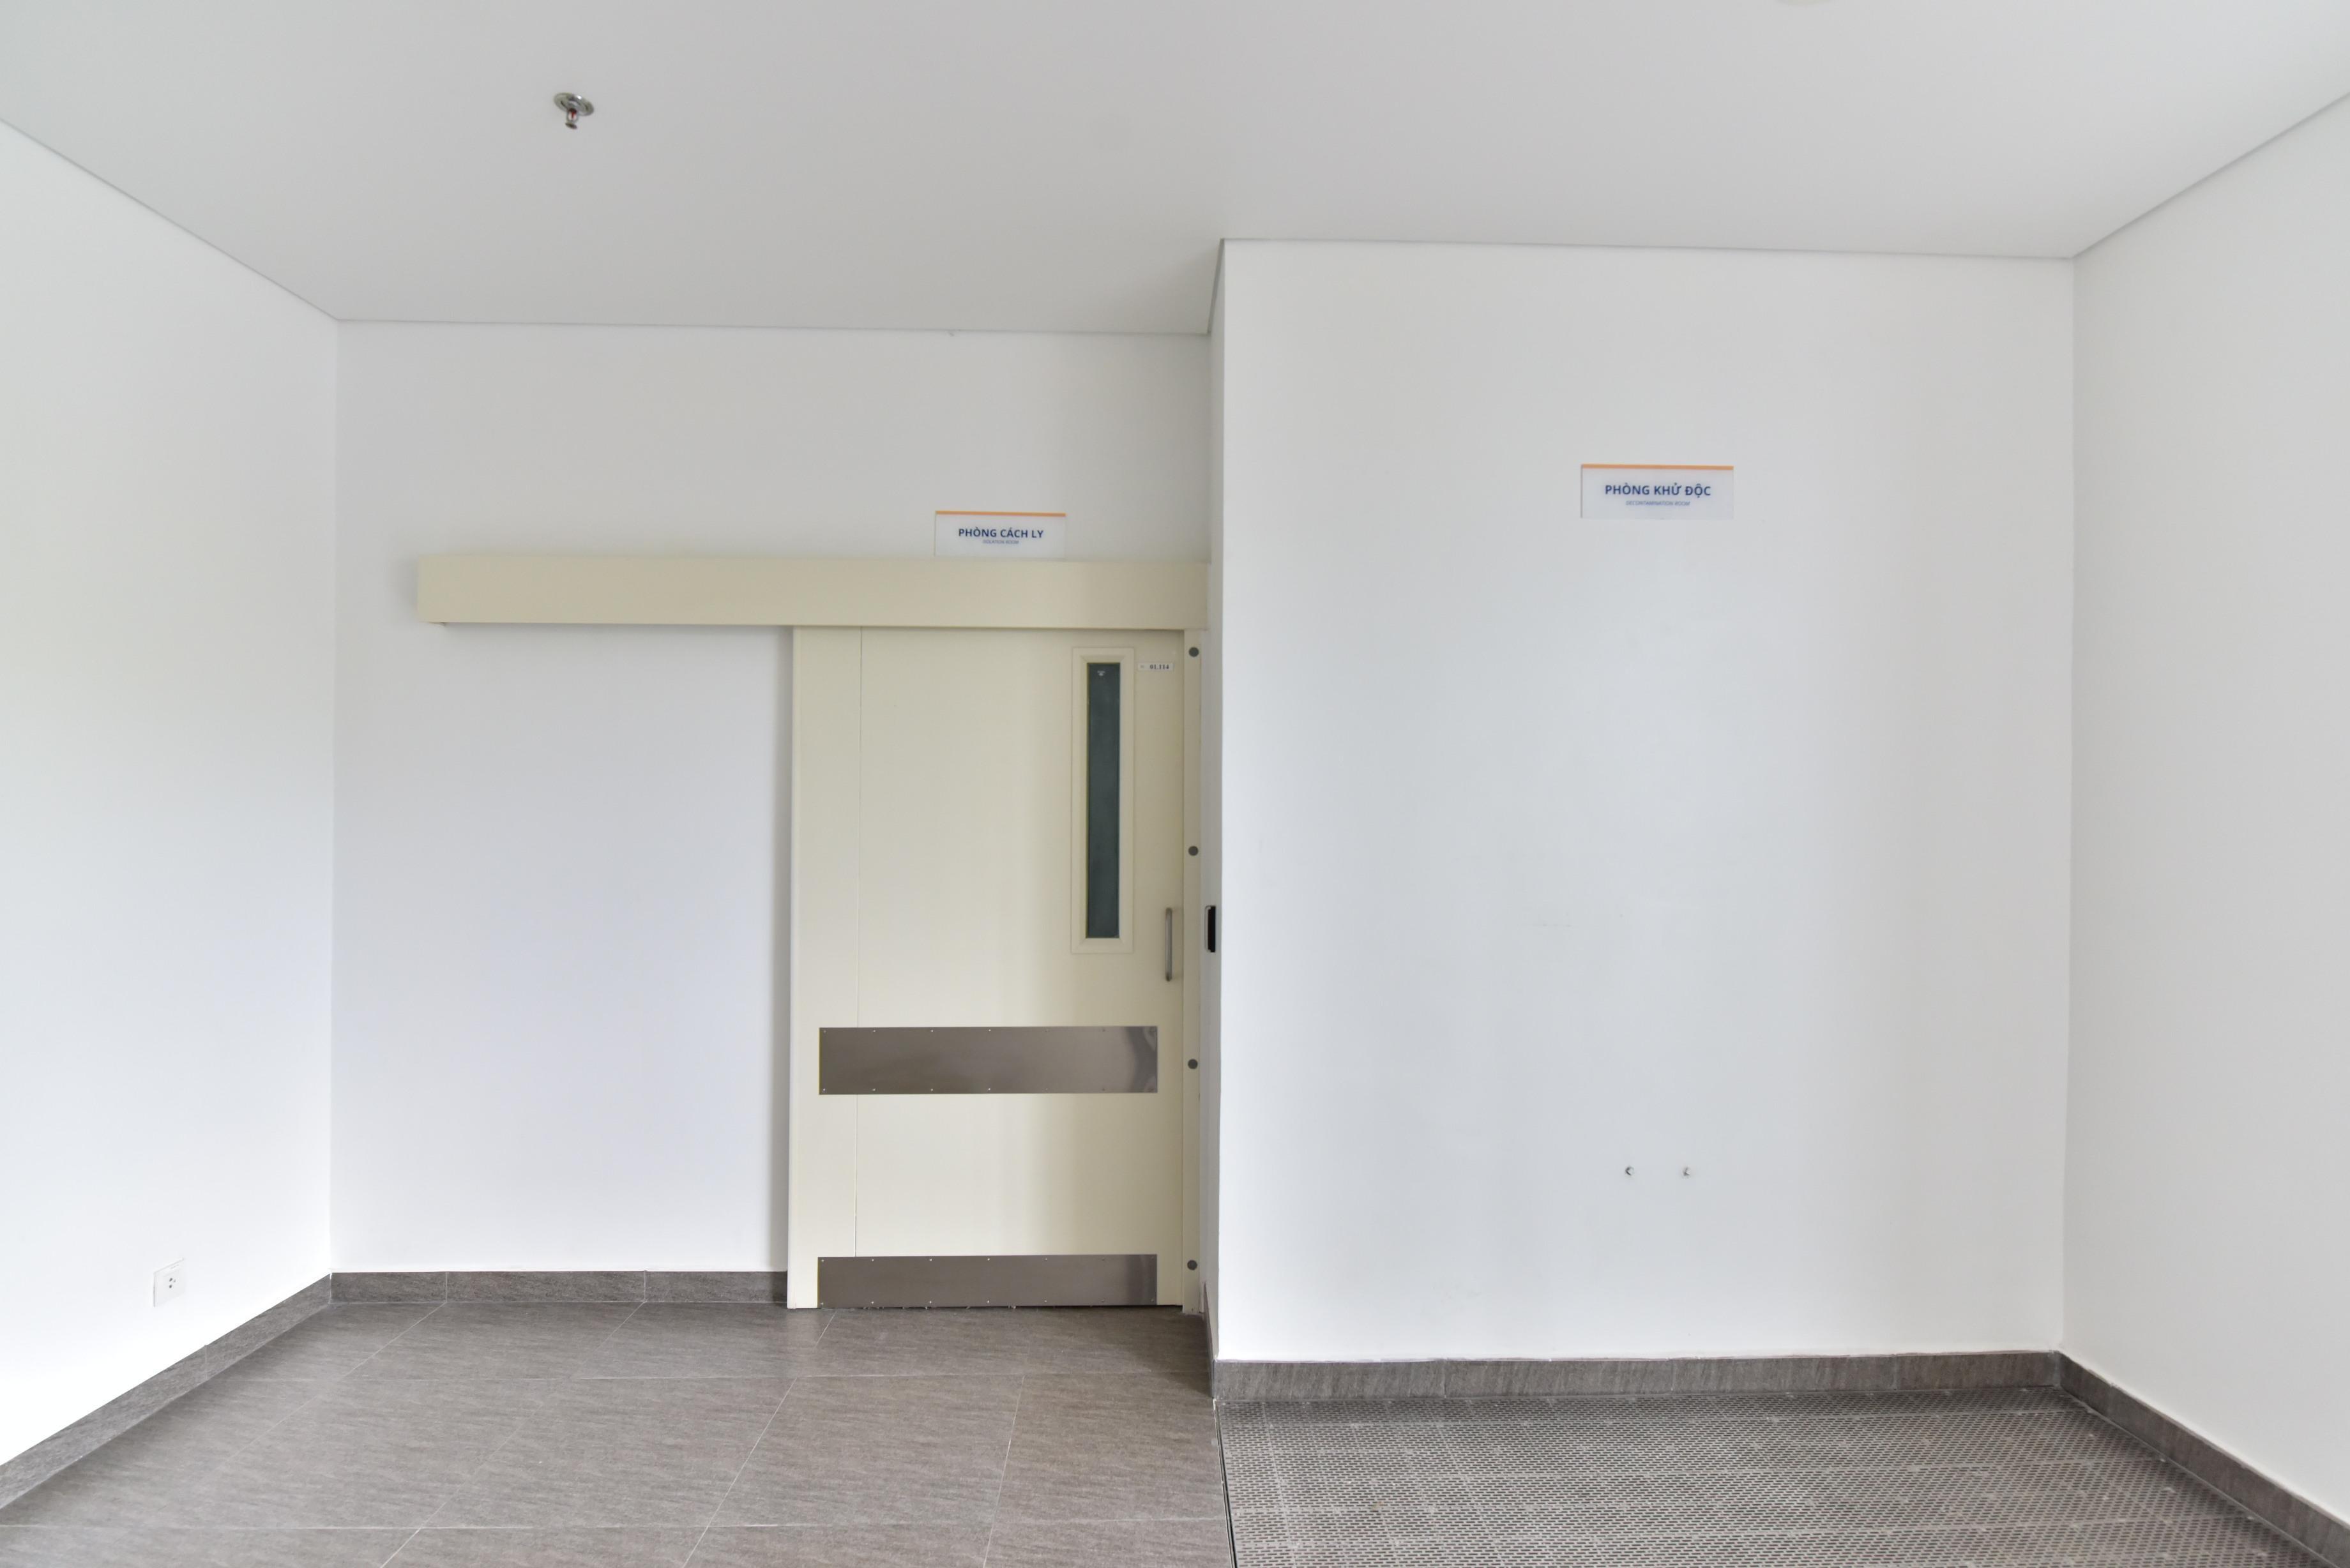 Khu vực khử độc đối với bệnh nhân nghi nhiễm COVID - 19 của Bệnh viện Gia An 115